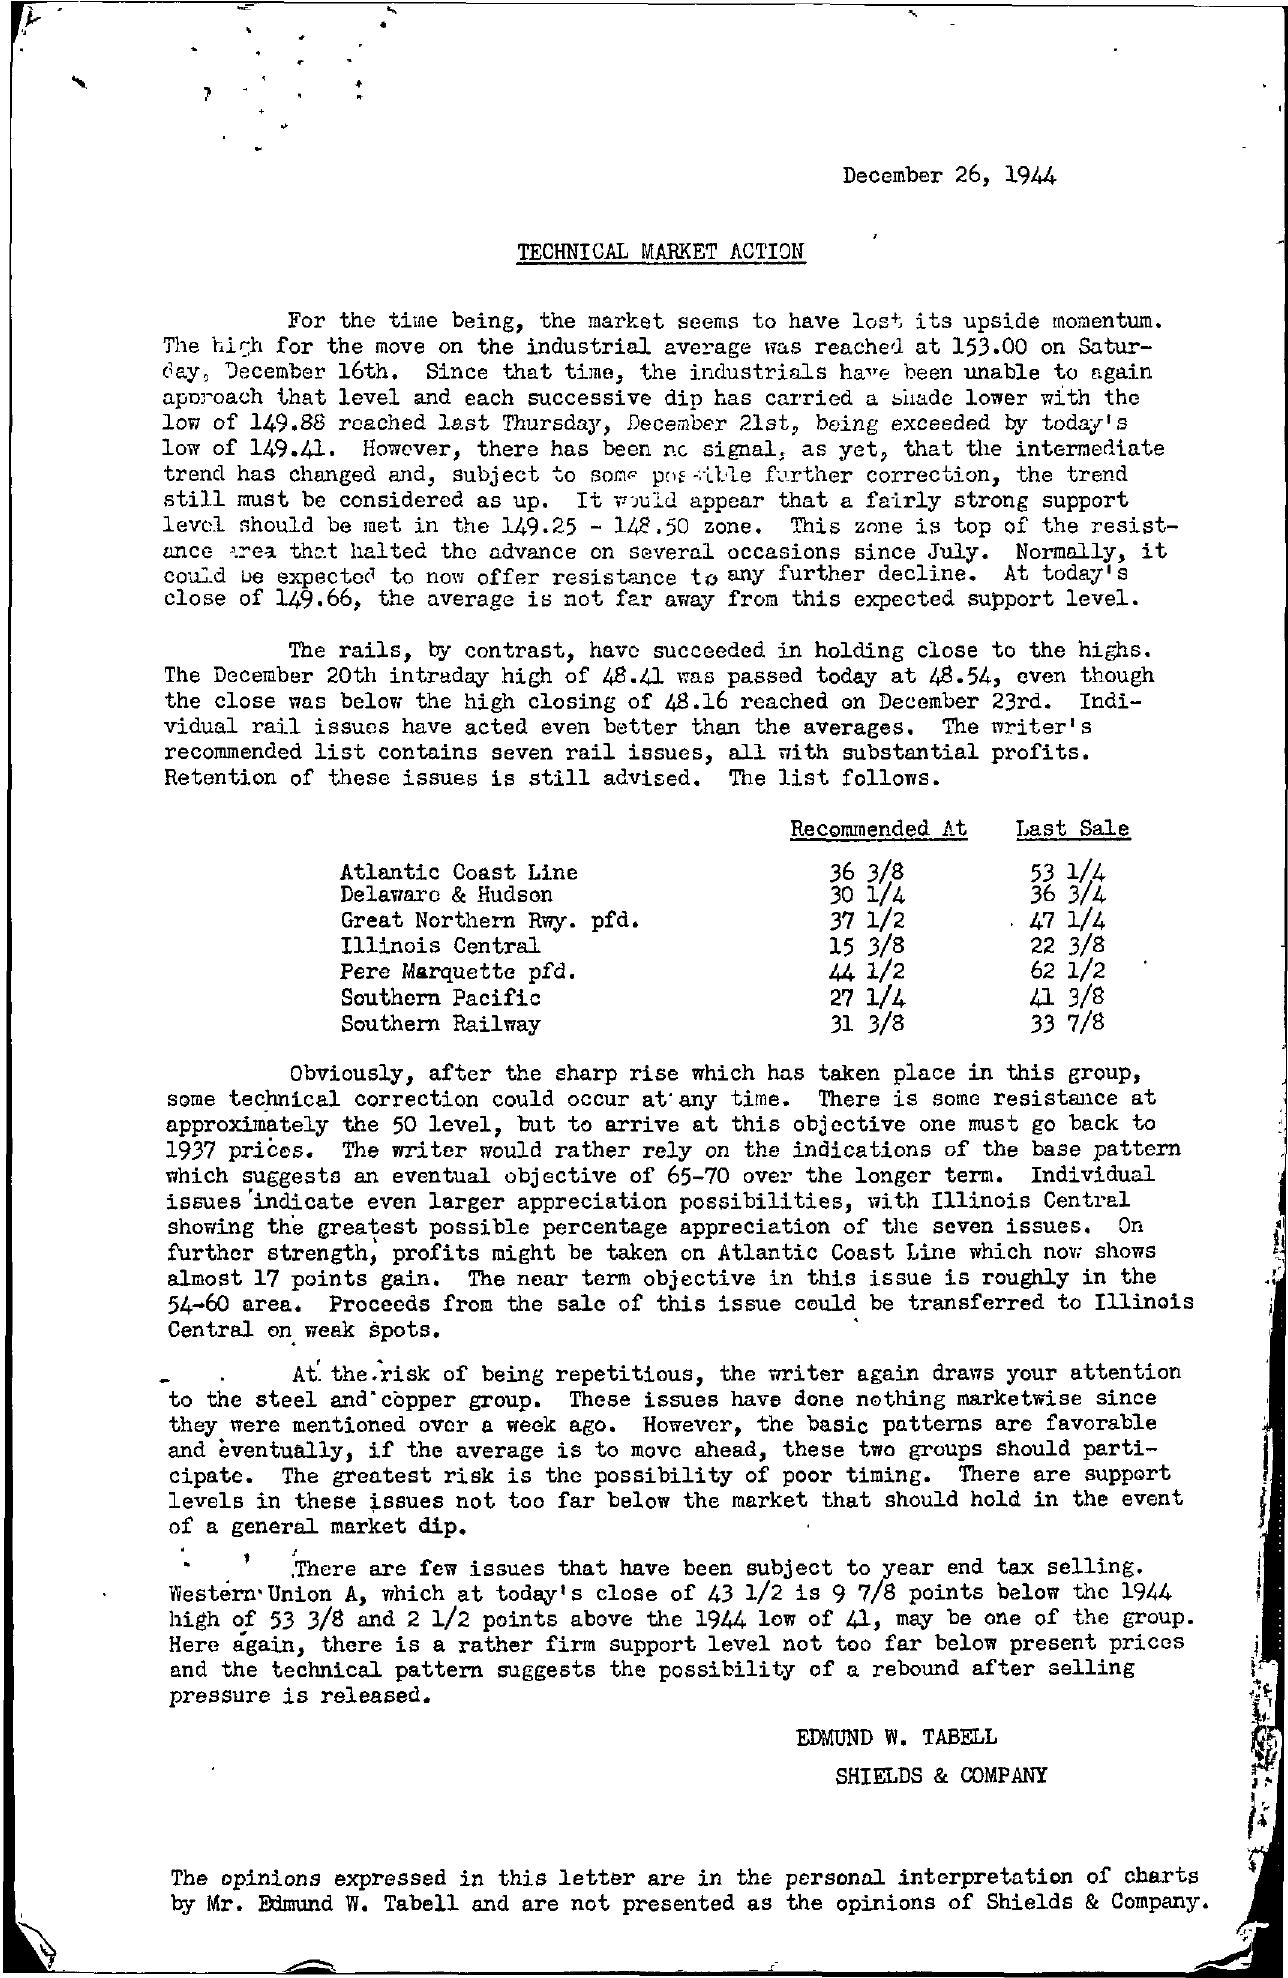 Tabell's Market Letter - December 26, 1944